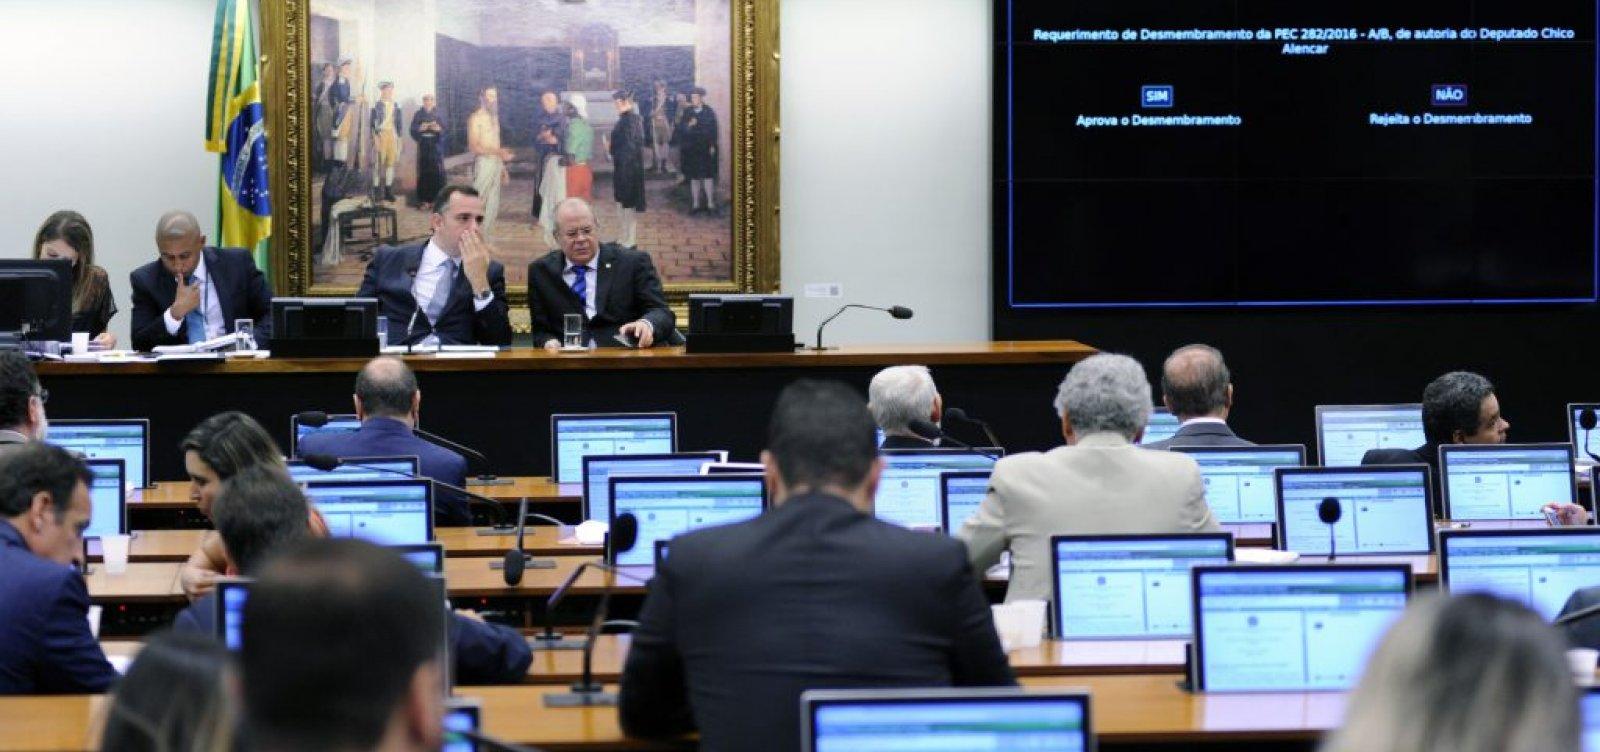 Deputados do PSL madrugam na CCJ para tentar blindar reforma